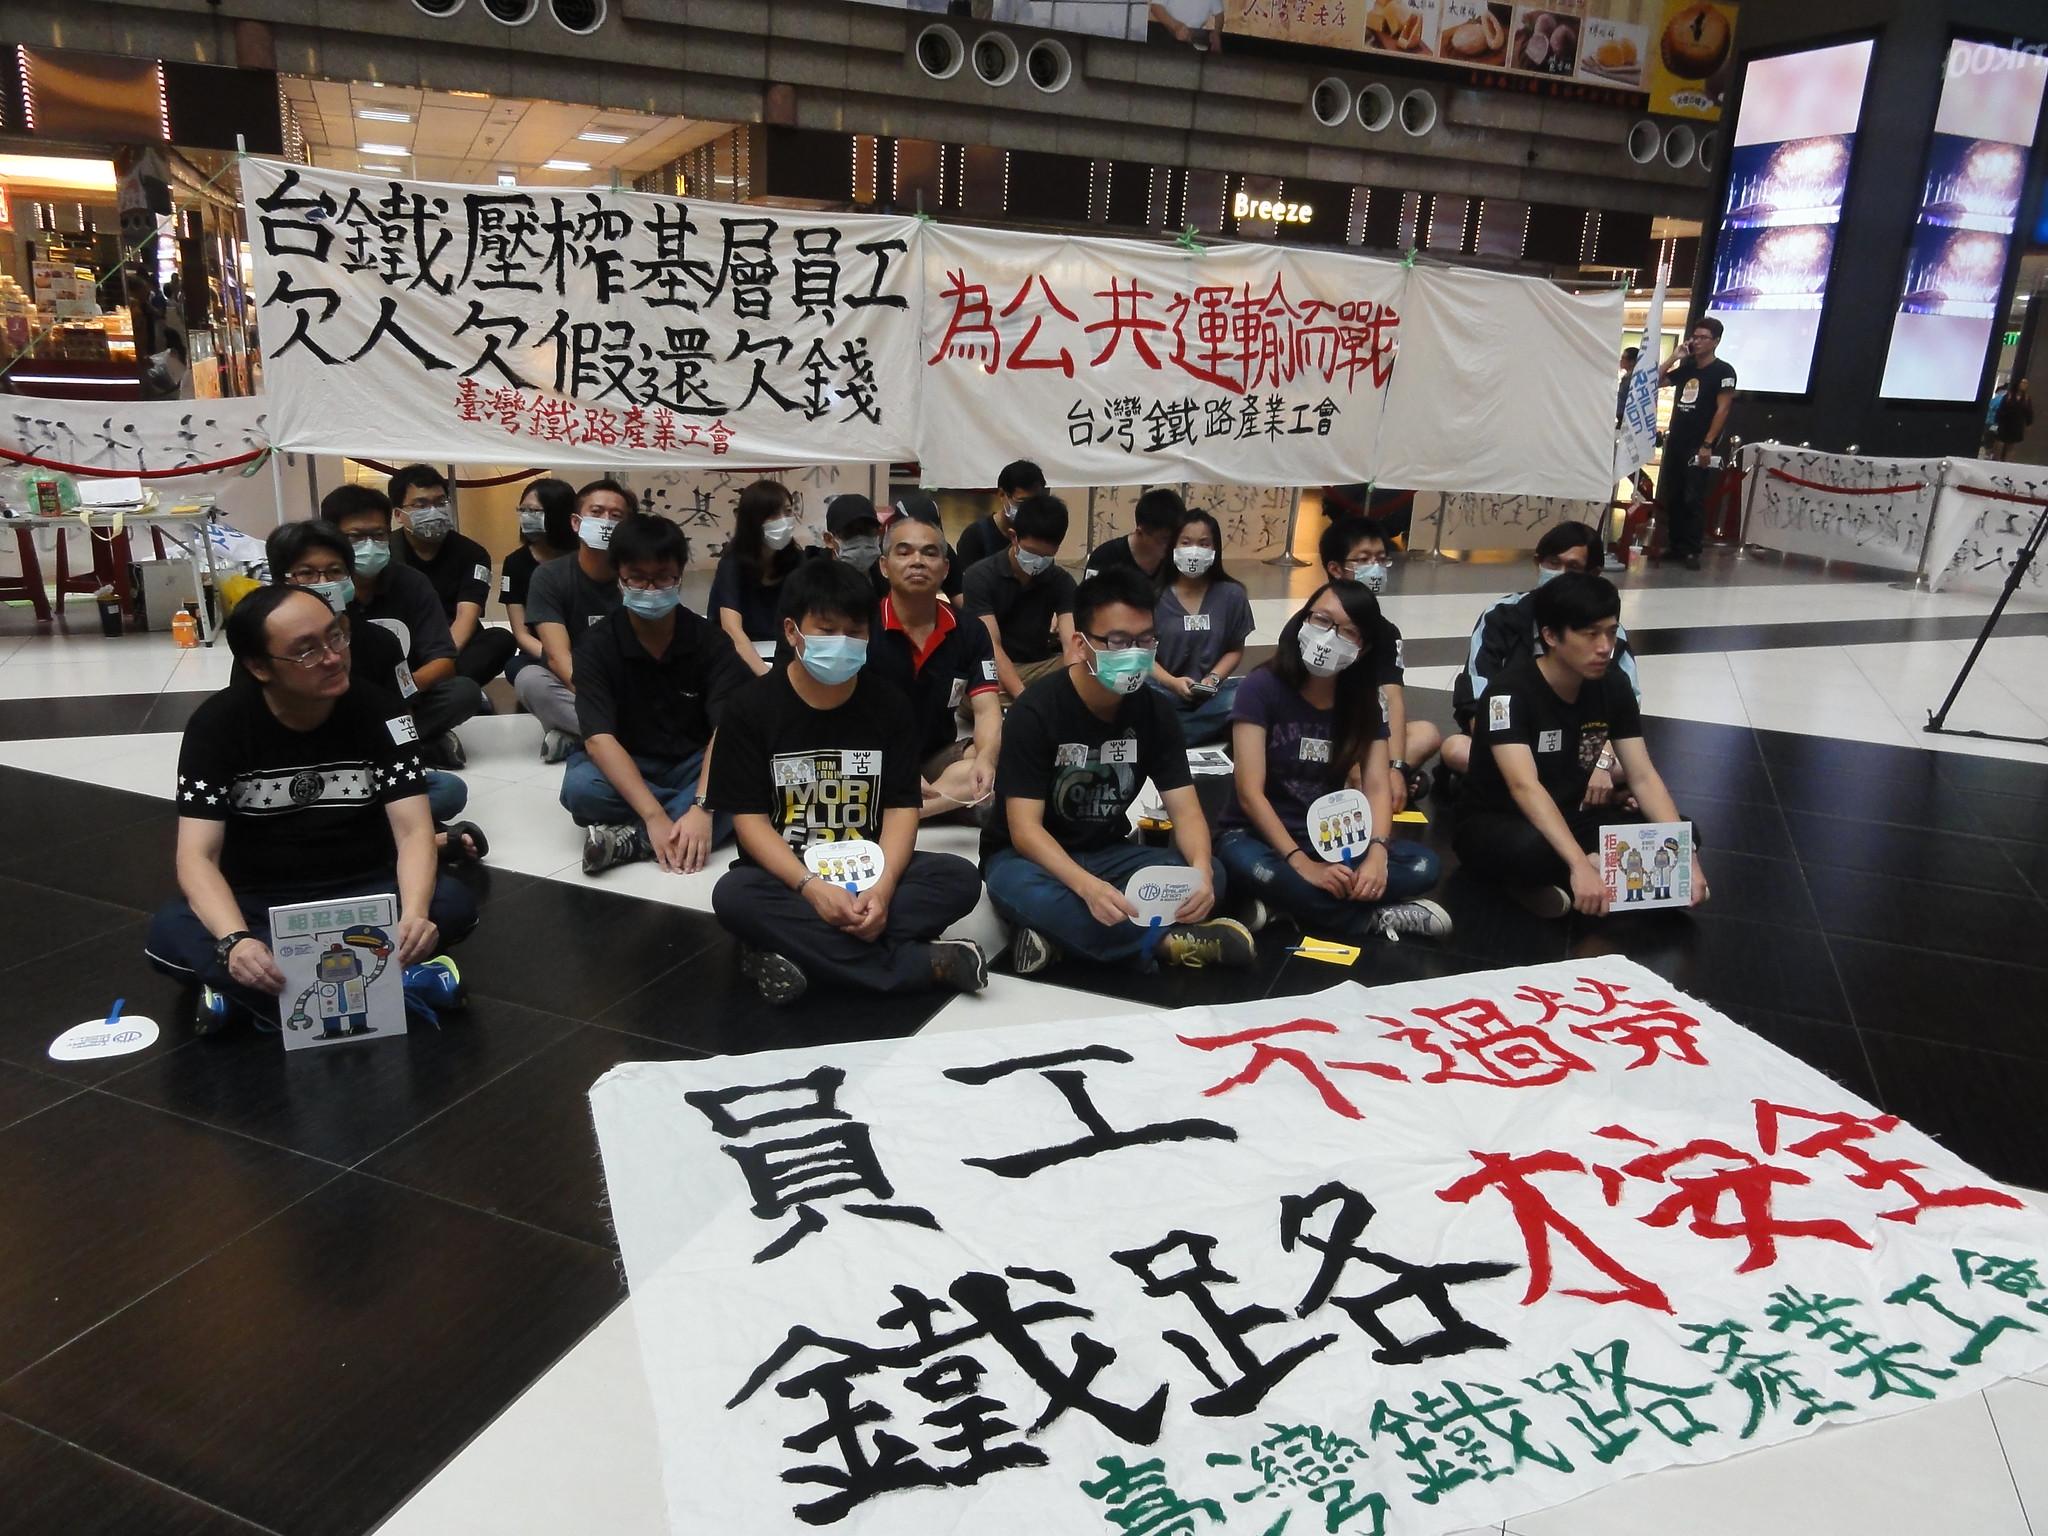 台鐵產業工會今晚將在台北車站夜宿。(攝影:張智琦)